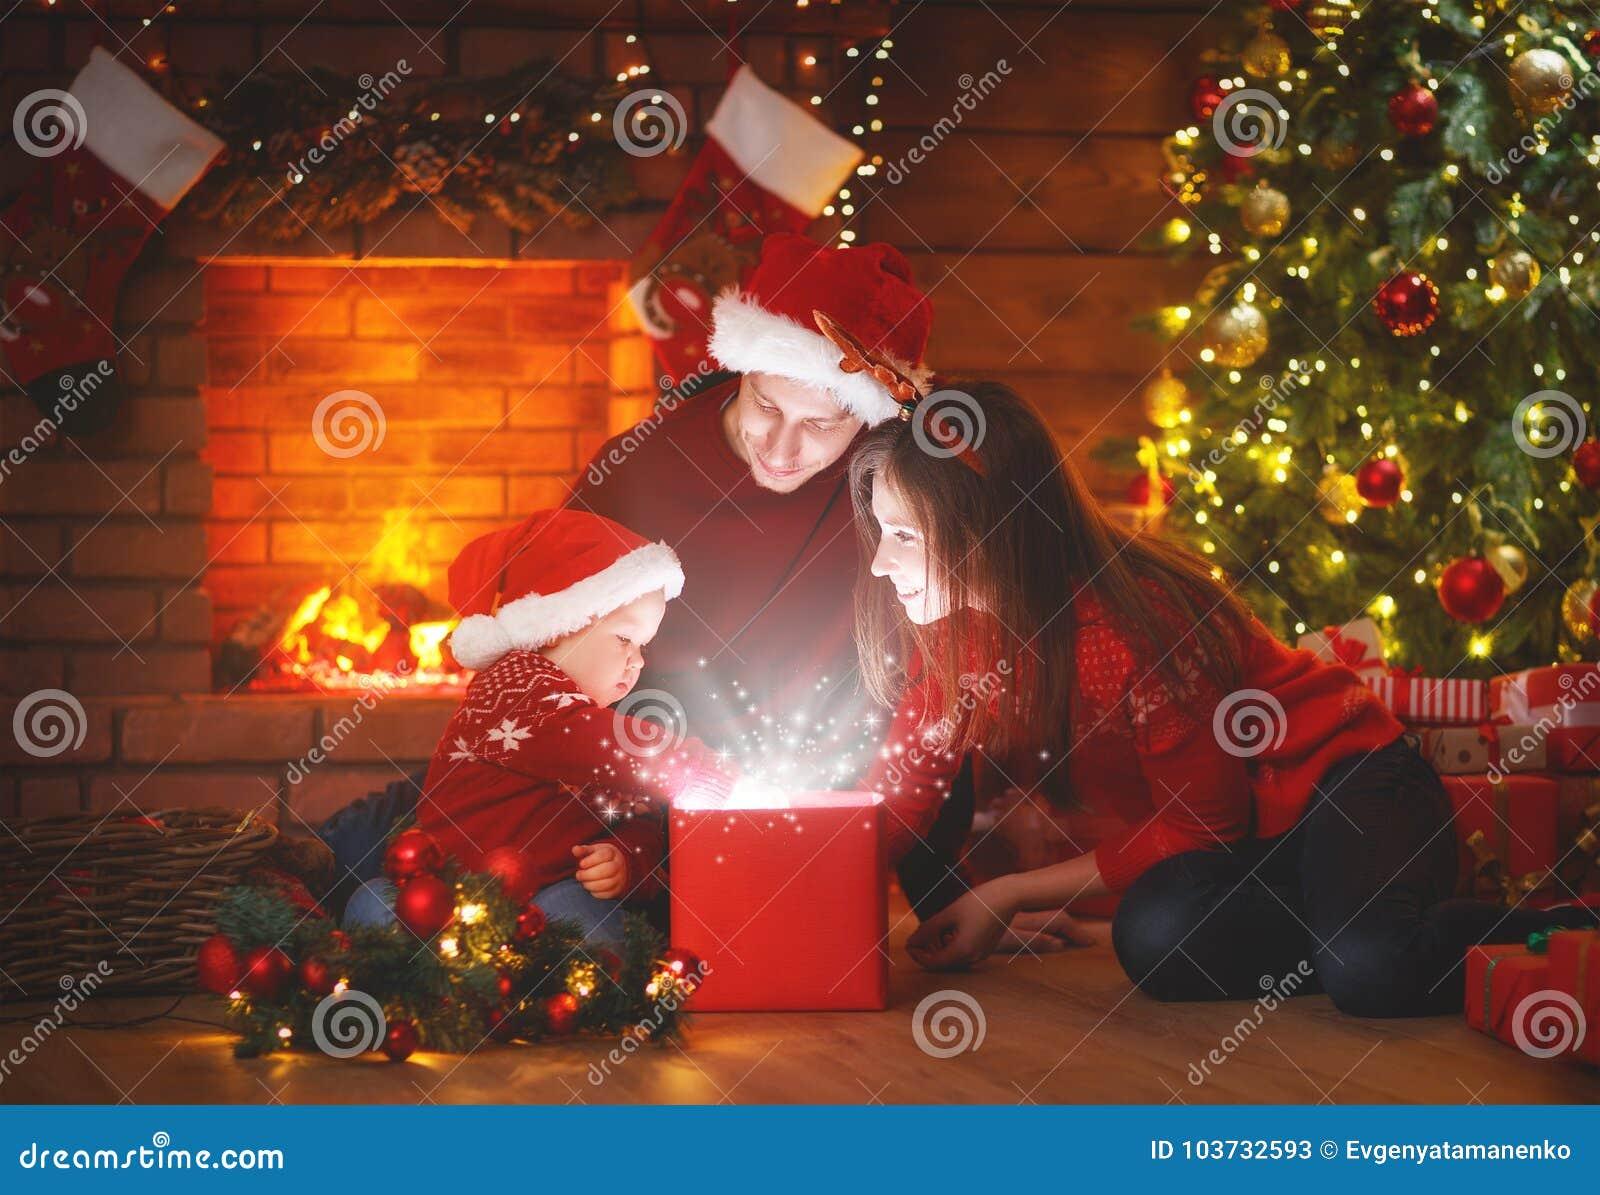 Regalo navidad madre fabulous cheap gallery of download nio pequeo y mam que sostienen un - Regalo padre navidad ...